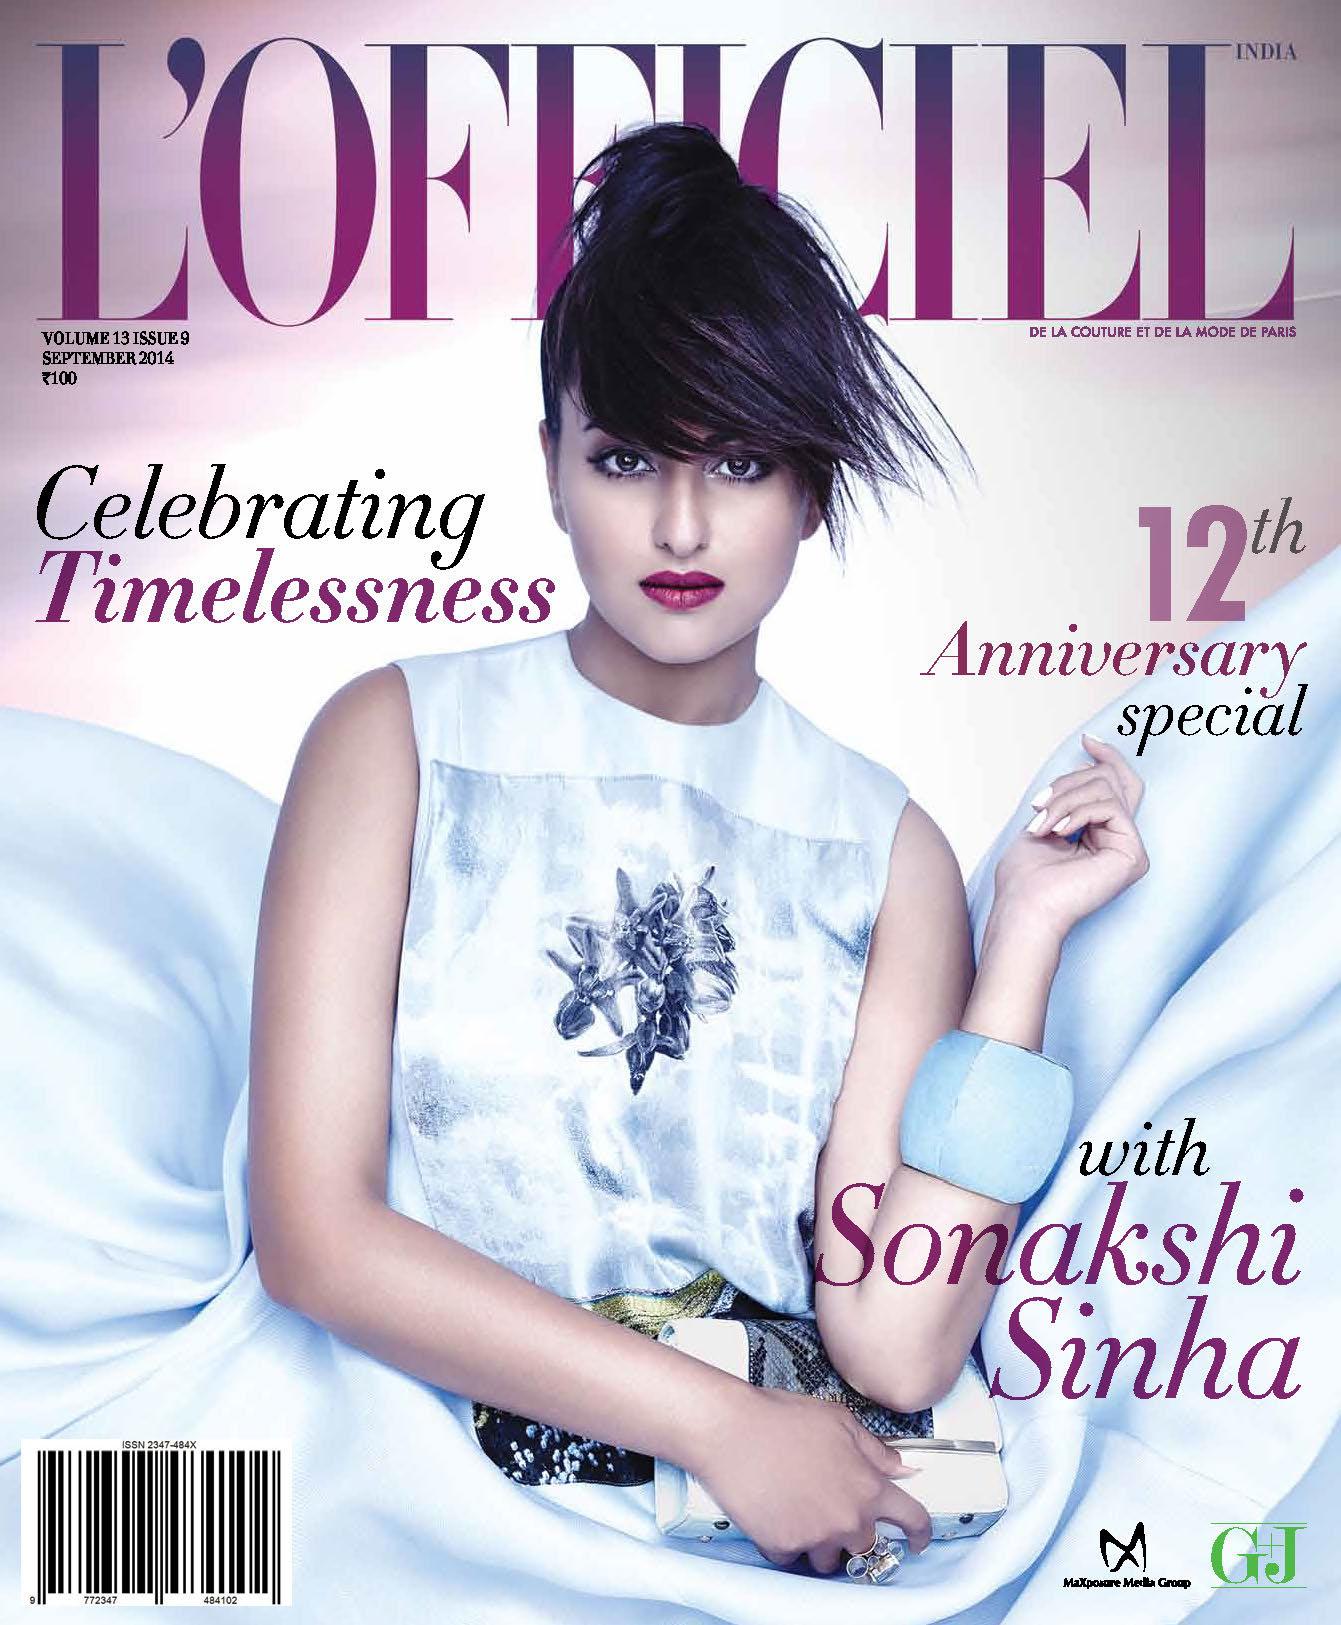 sonakshi sinha l 39 officiel magazine september 2014 photo shoot stills full set photos 25cineframes. Black Bedroom Furniture Sets. Home Design Ideas